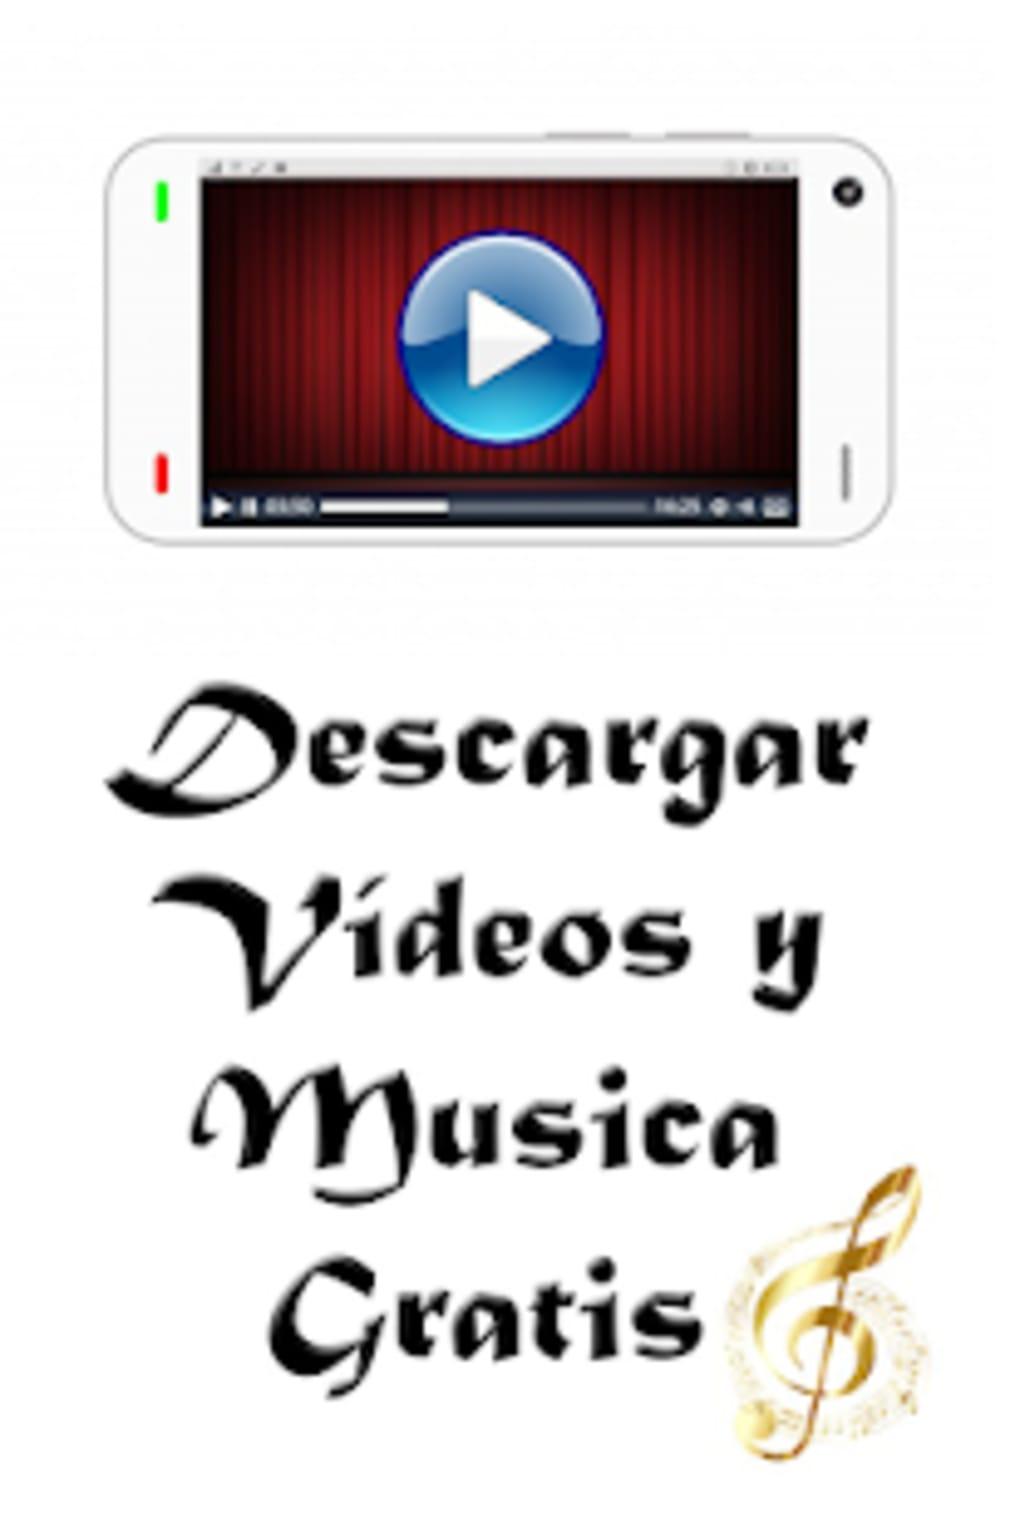 tubemate descargar gratis para android en español completo gratis